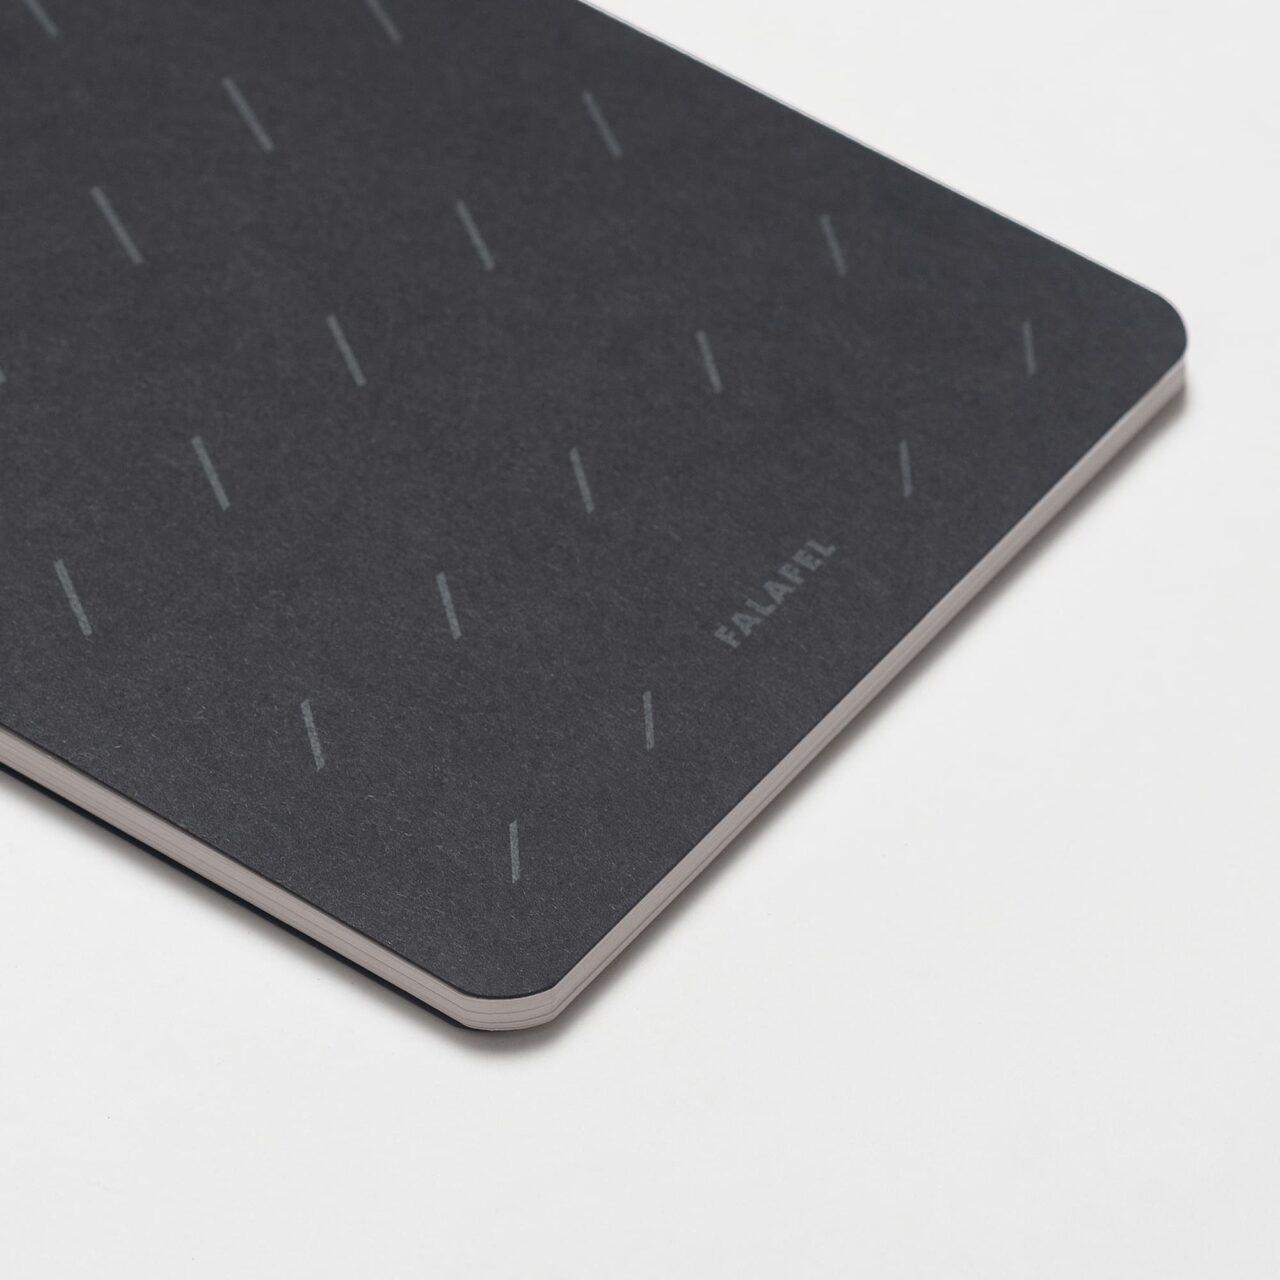 Скетчбук для маркеров A5, 70 г/м², 60 листов, чёрный